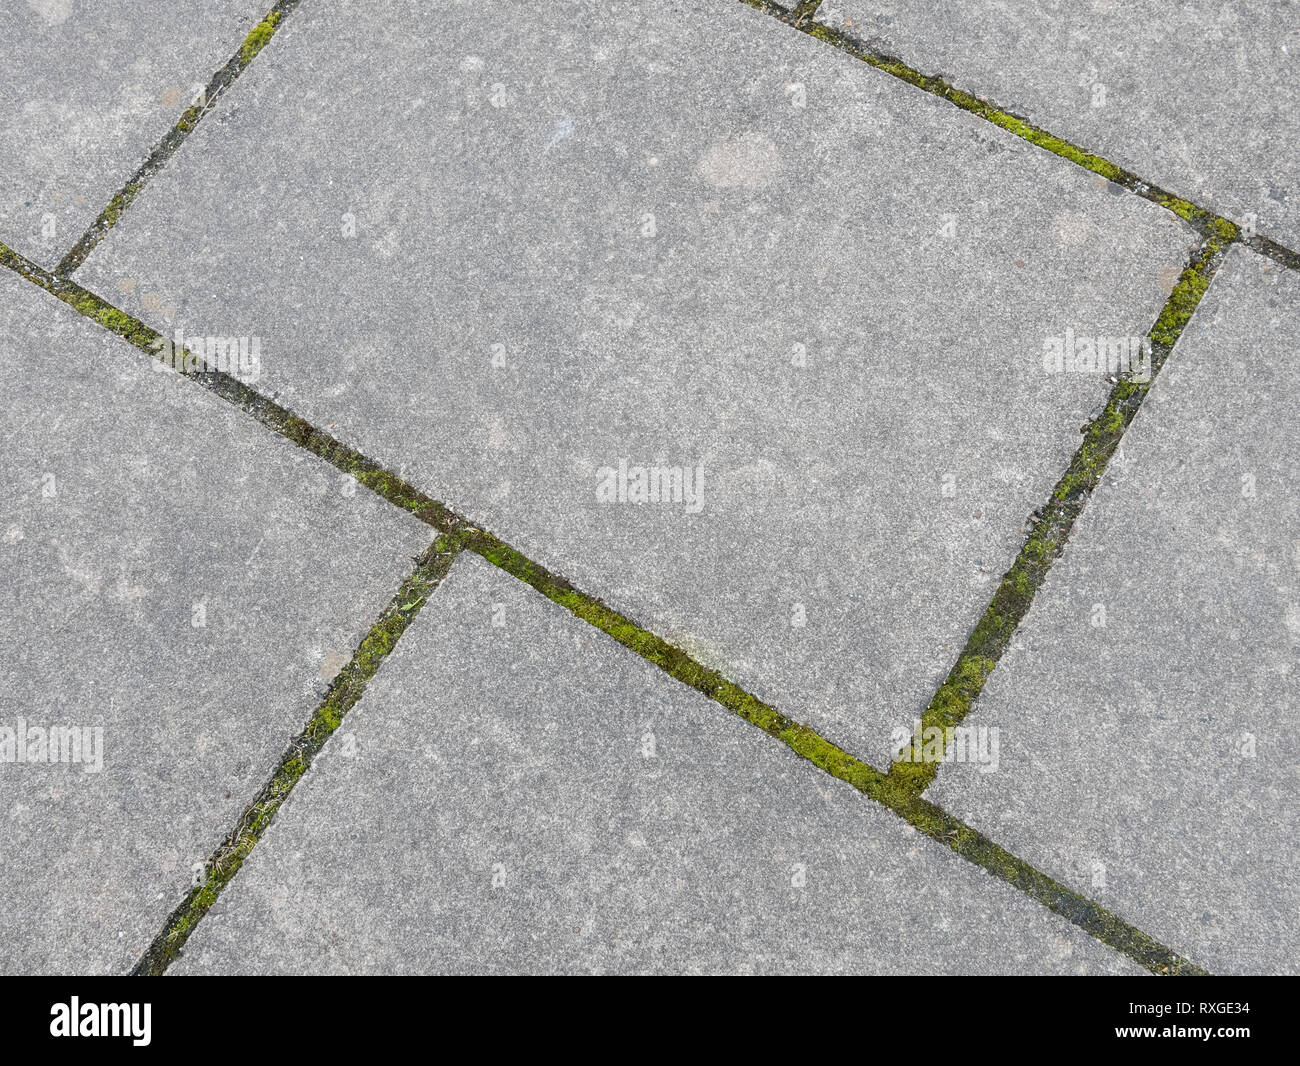 Dalle Beton Parking Herbe pavage de blocs de béton photos & pavage de blocs de béton